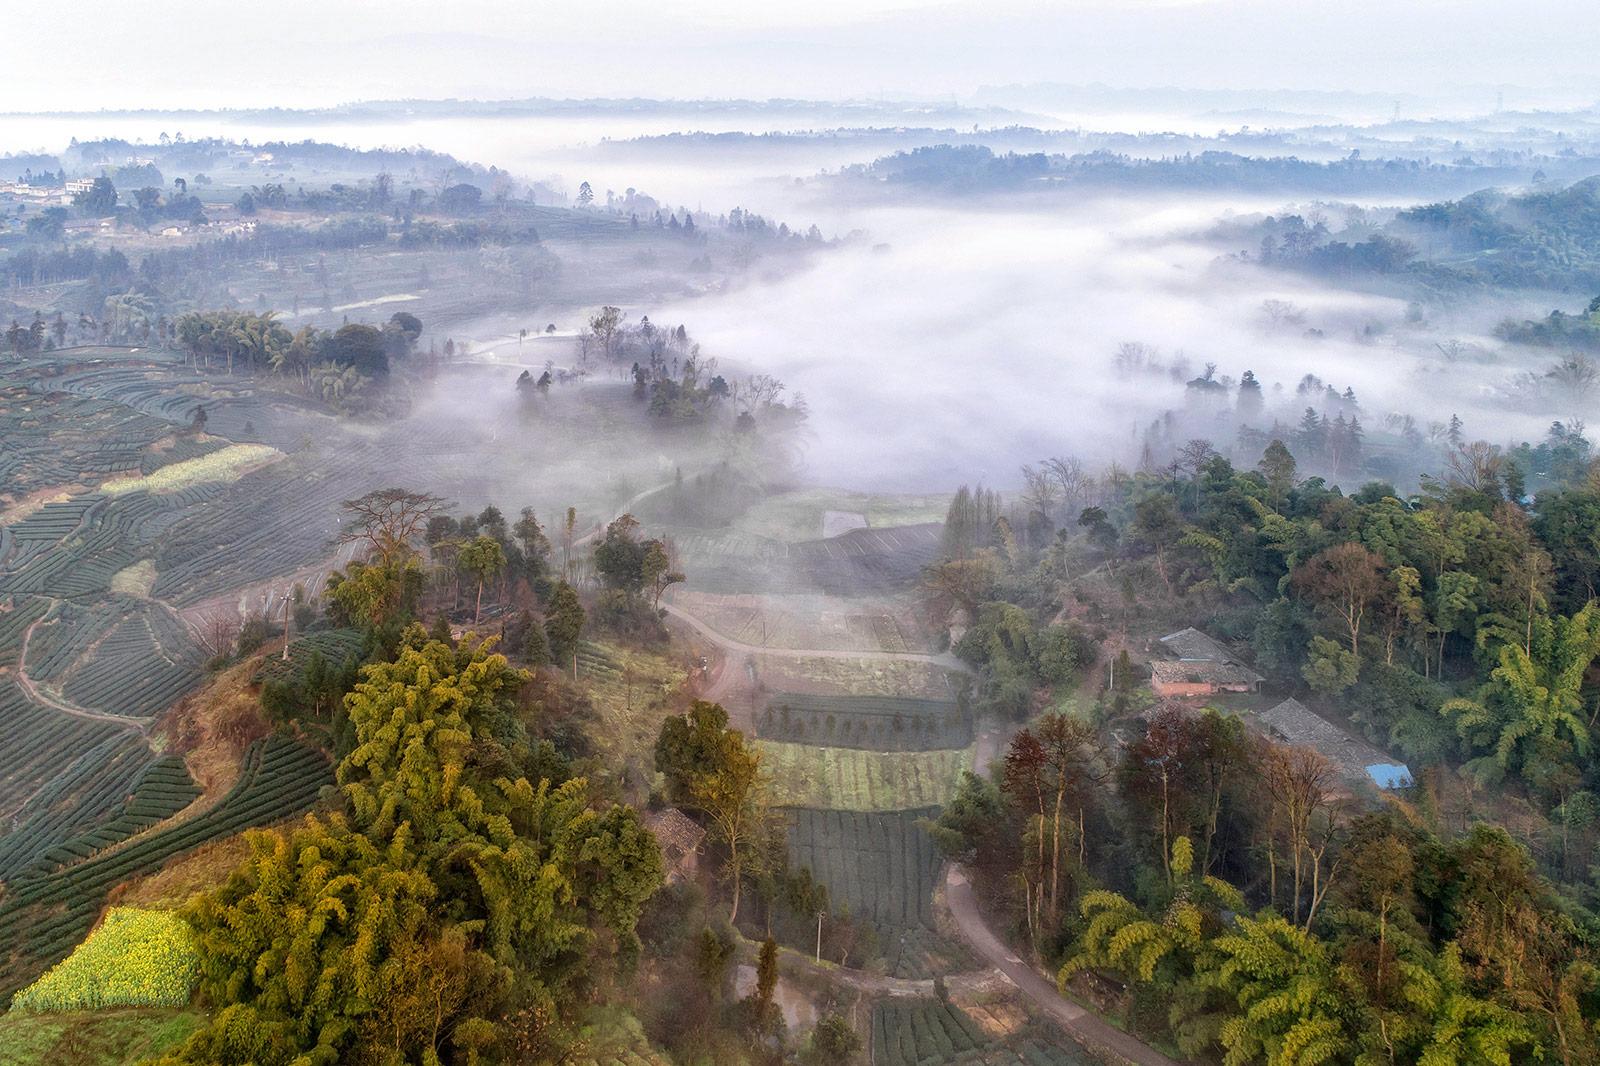 乡景朝雾里